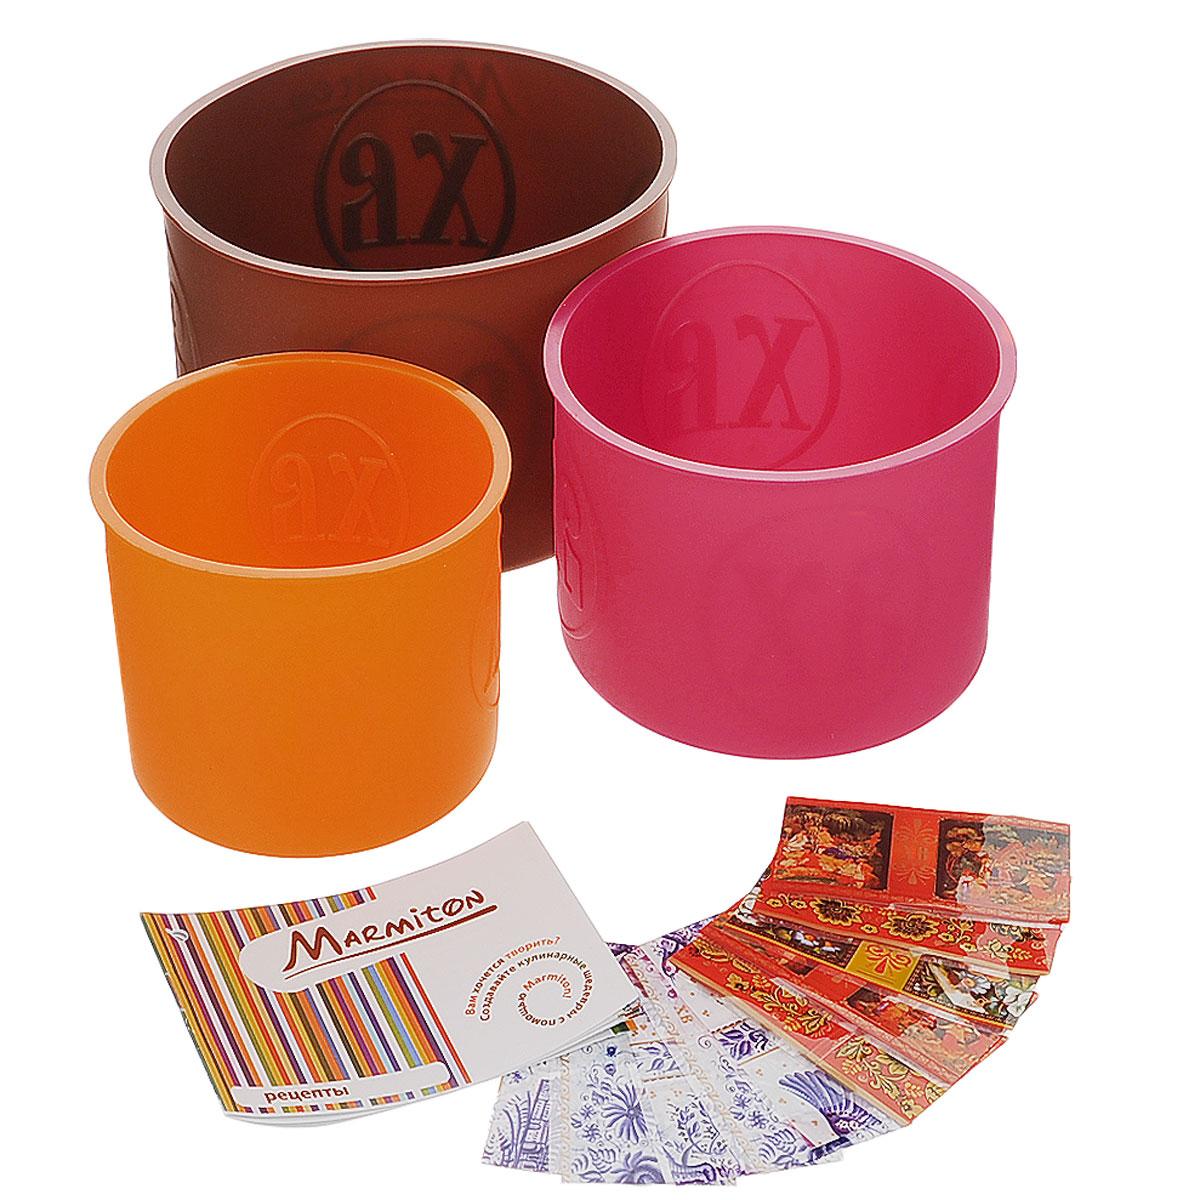 Набор силиконовых форм для выпечки куличей Пасхальный, 3 шт + ПОДАРОК: украшения для пасхальных яиц, 10 шт16124Набор Пасхальный состоит из 3 форм, изготовленных из силикона и предназначенных для приготовления куличей и другой выпечки. Материал устойчив к фруктовым кислотам, к воздействию низких и высоких температур. Силикон не взаимодействует с продуктами питания и не впитывает запахи как при нагревании, так и при заморозке. Обладает естественным антипригарным свойством. В набор также входят 10 наклеек из термопленки для украшения пасхальных яиц и буклет с рецептами. Использовать при температуре от -40°C до 230°С. Можно использовать в духовках и микроволновых печах, мыть и сушить в посудомоечной машине. Высота форм: 10 см, 9 см, 8,5 см. Количество украшений из термопленки: 10 шт.